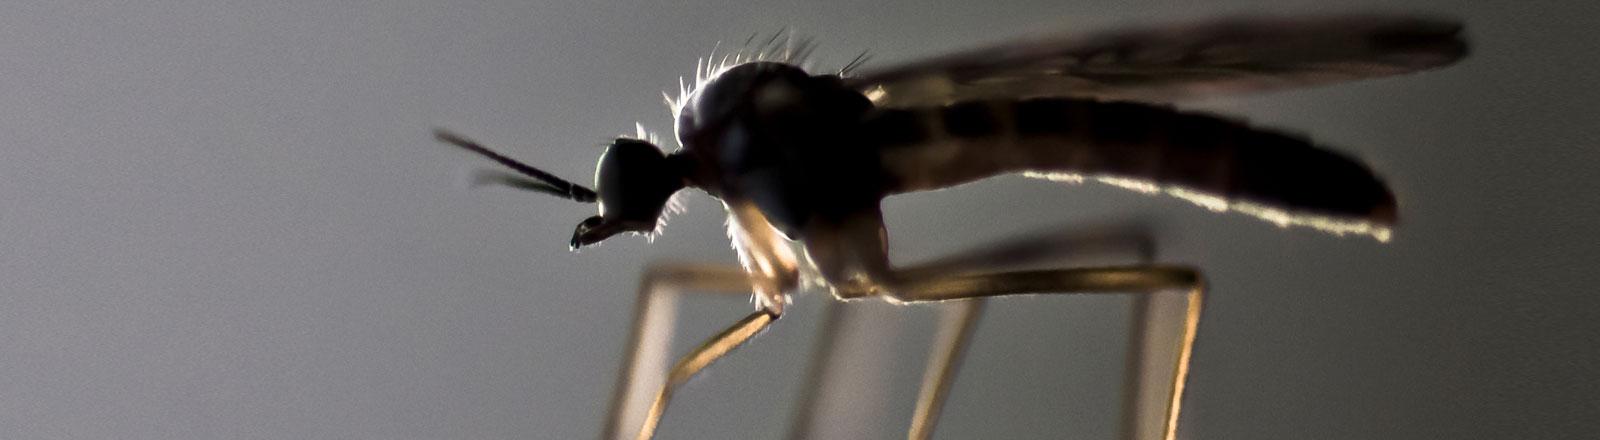 Eine Stechmücke